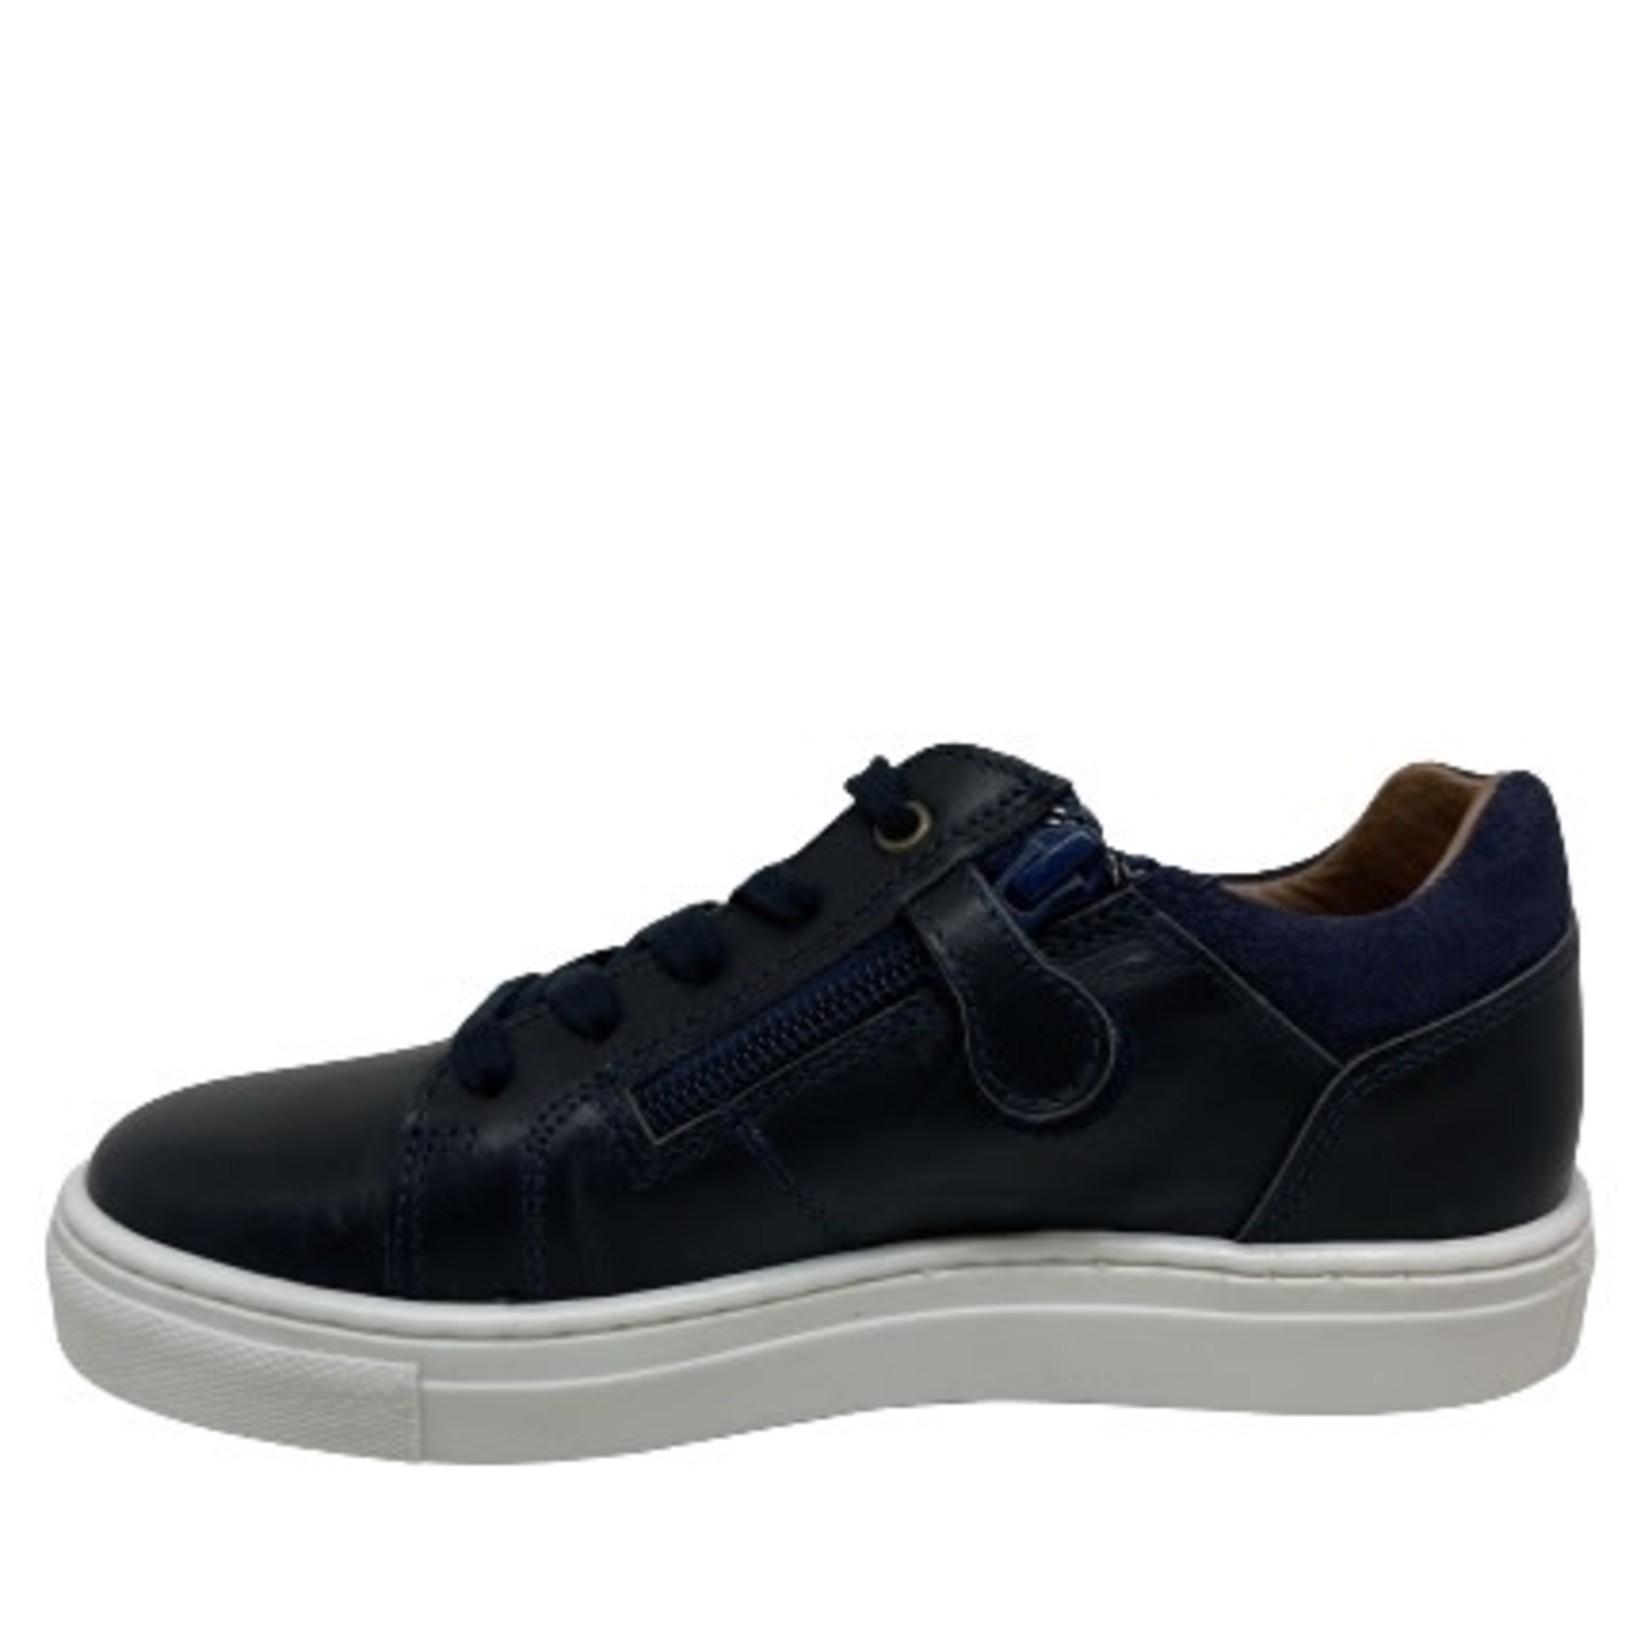 Lage schoen Veter/rits Blauw